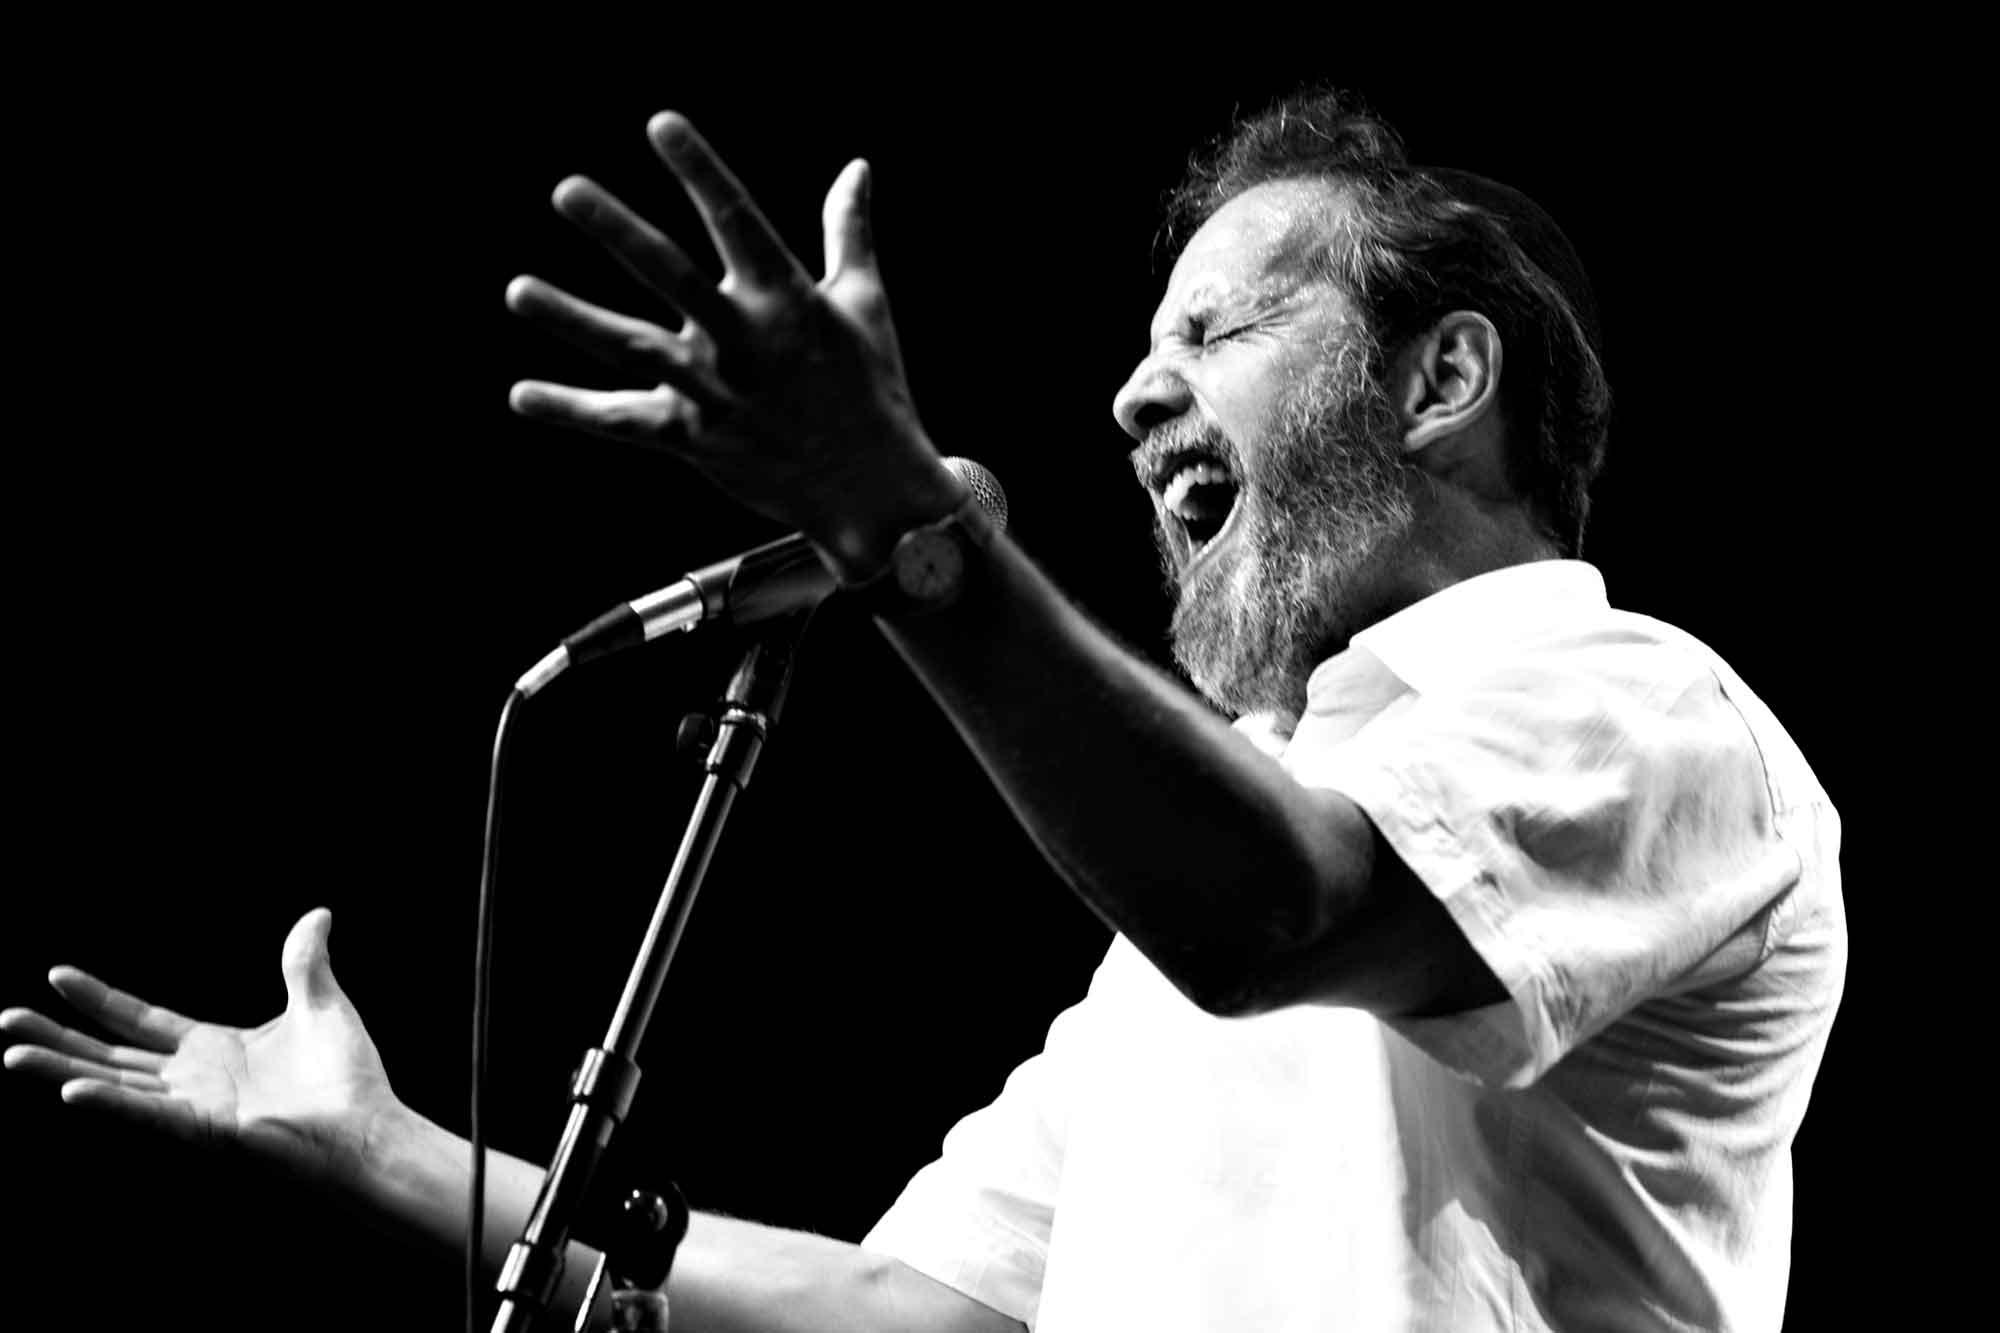 Oboisten og verdensmusikeren Henrik Goldschmidt optræder i Tivoli